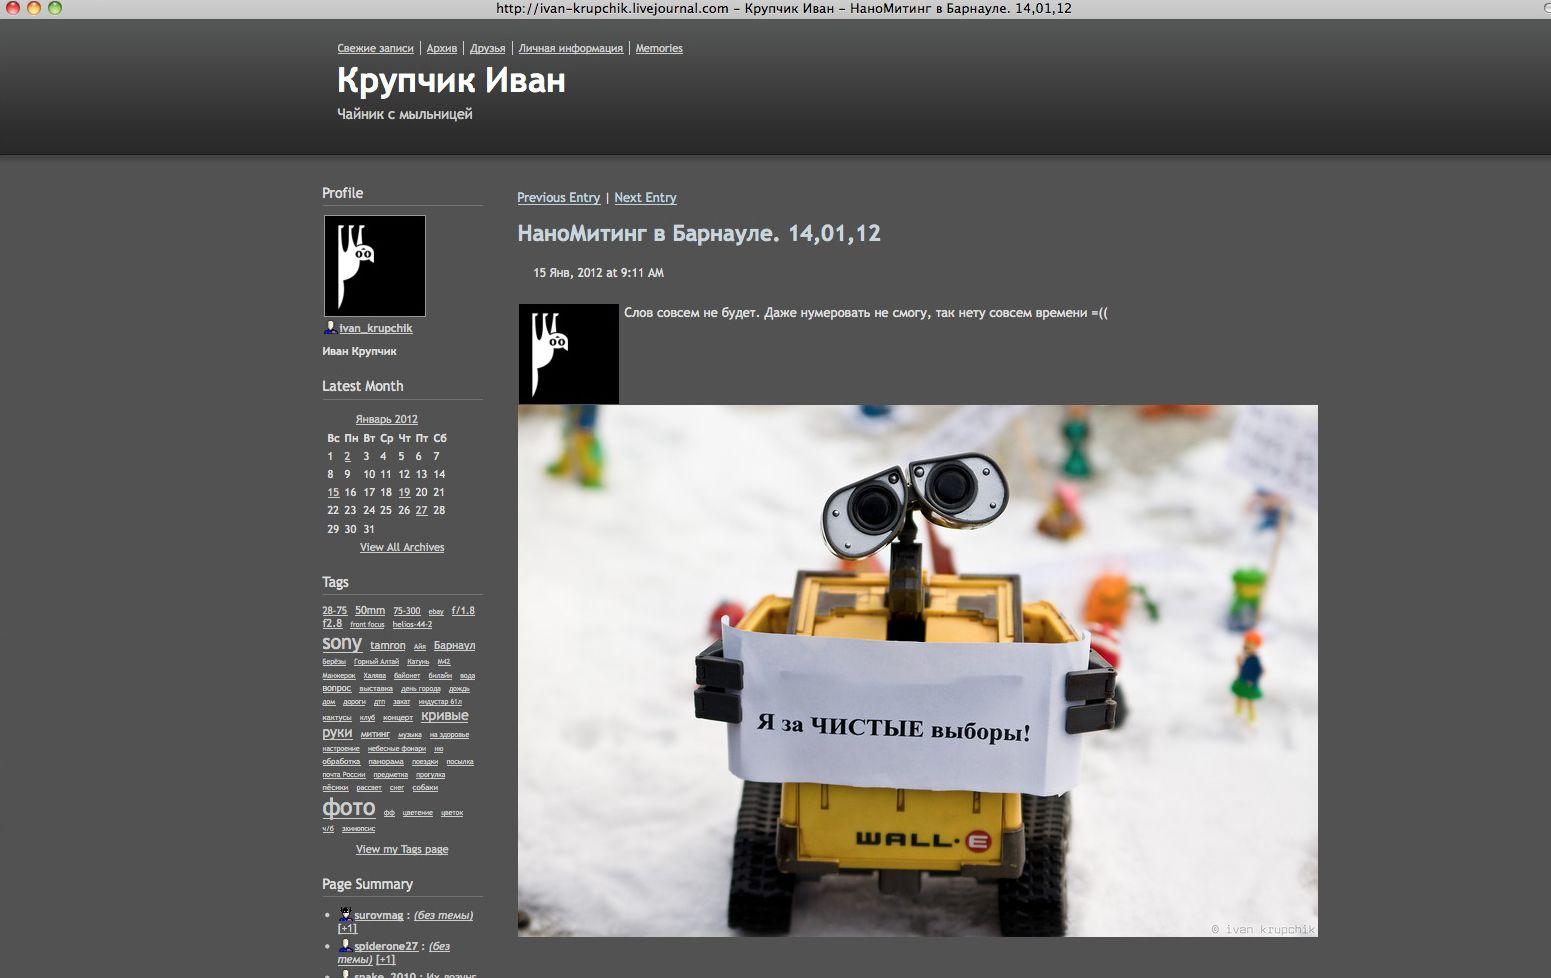 NUR ALS ZITAT Screenshot/ Protestpuppen/ Russland